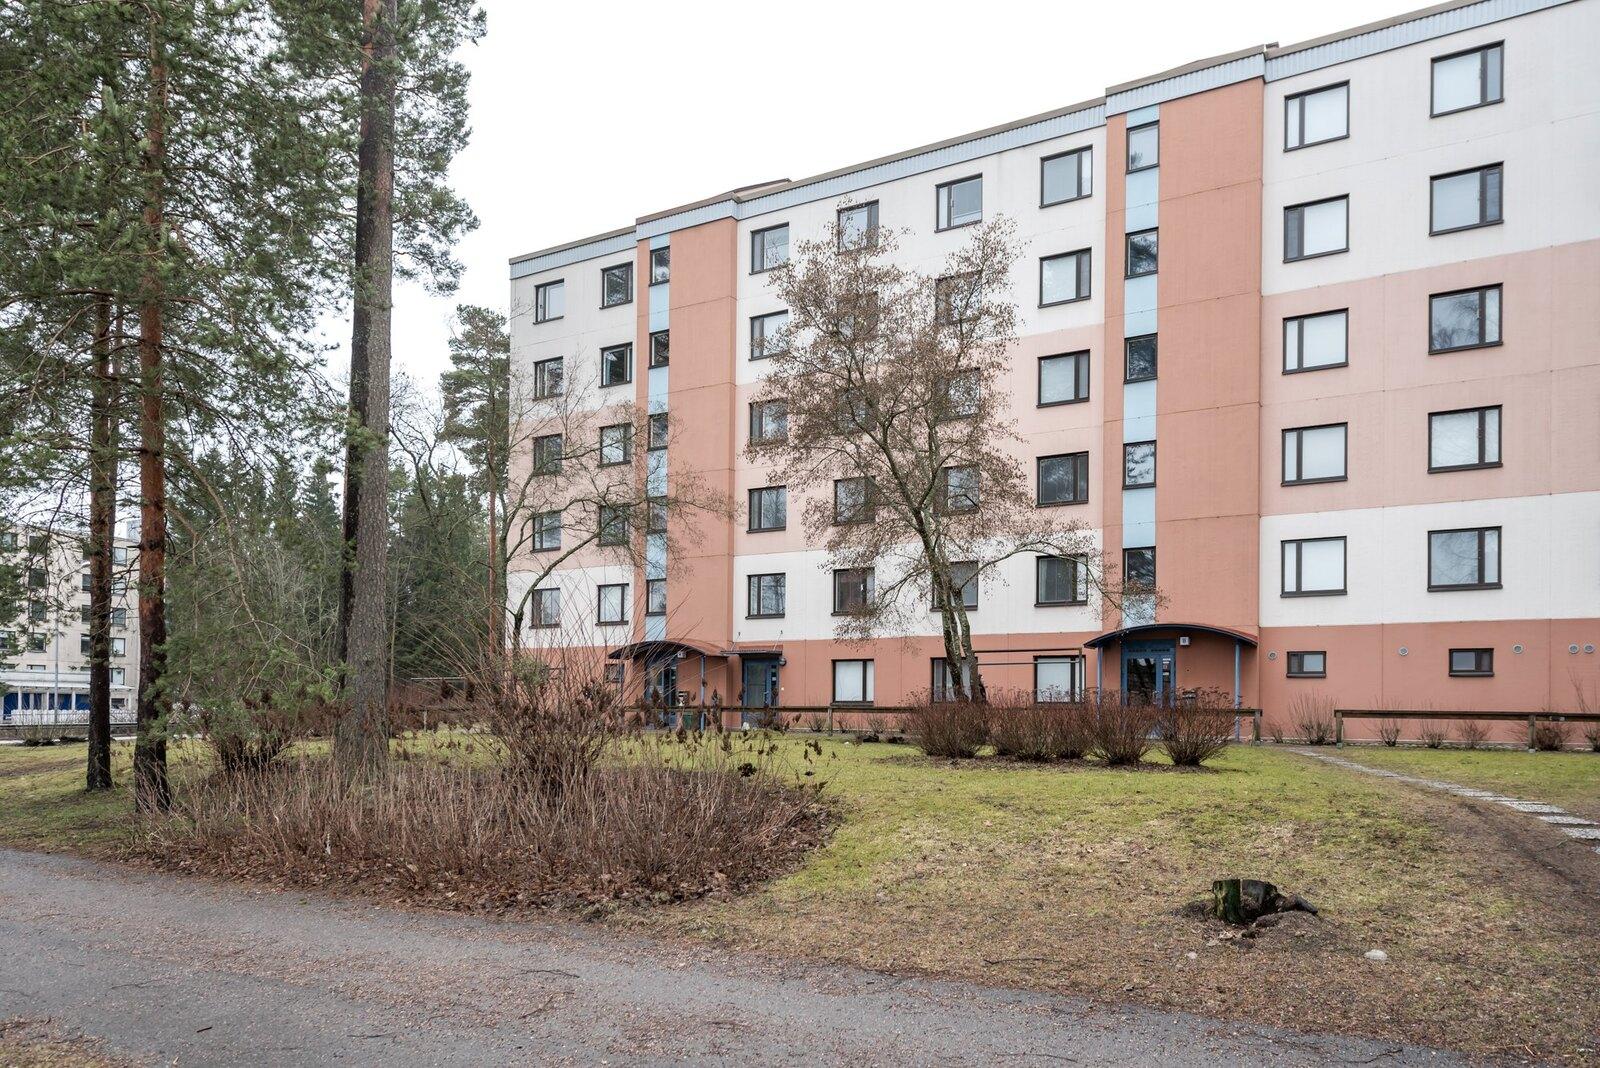 Jamppa, Järvenpää